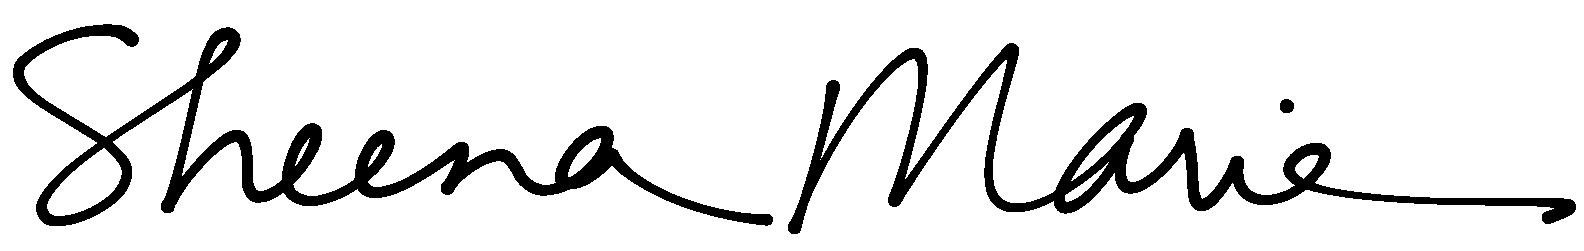 6.20.18_SSM_Final_Logos-04.png